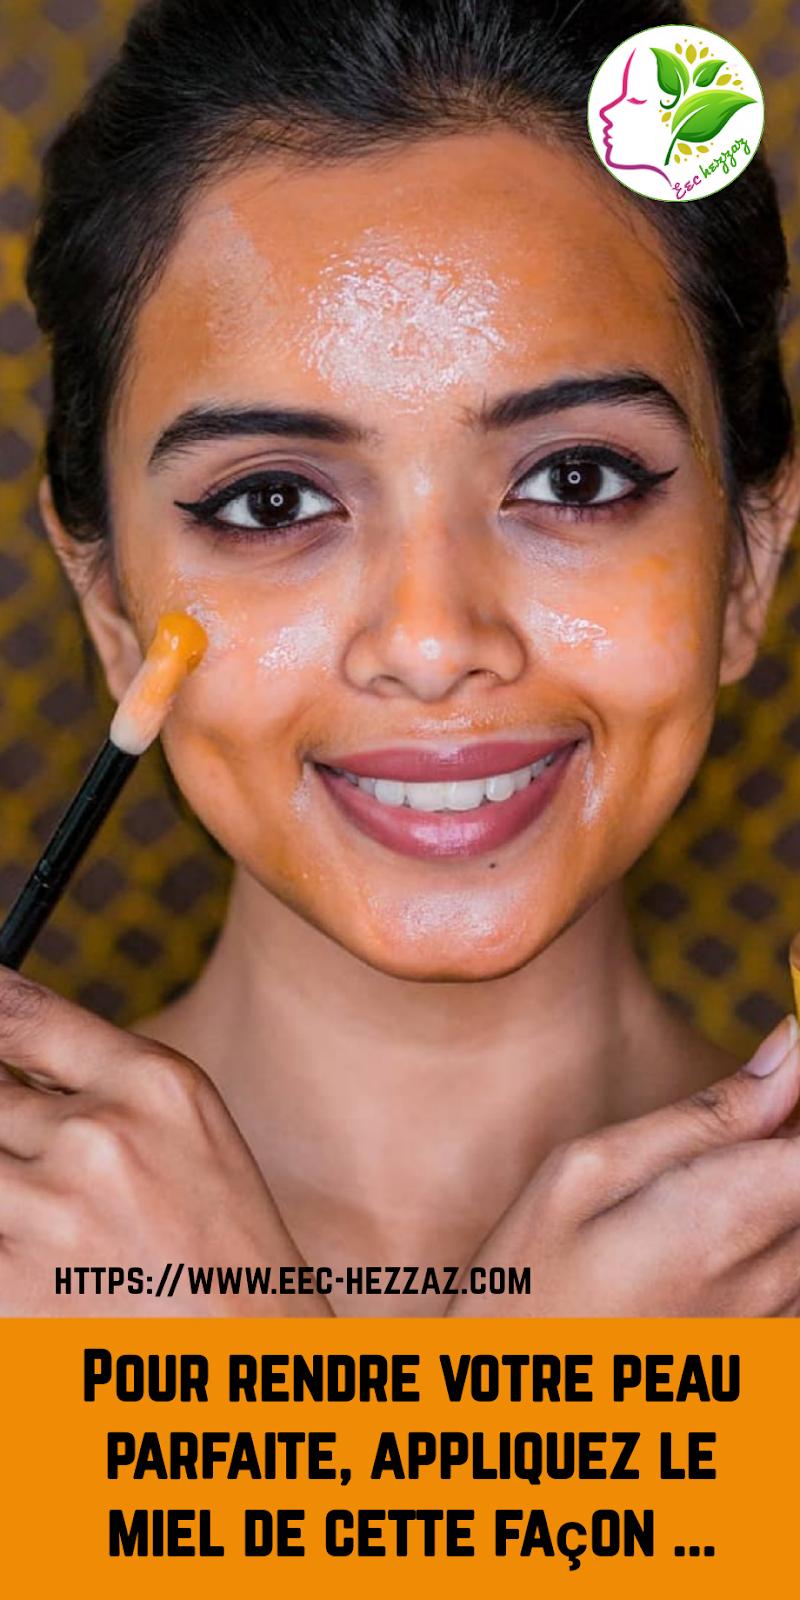 Pour rendre votre peau parfaite, appliquez le miel de cette façon ...